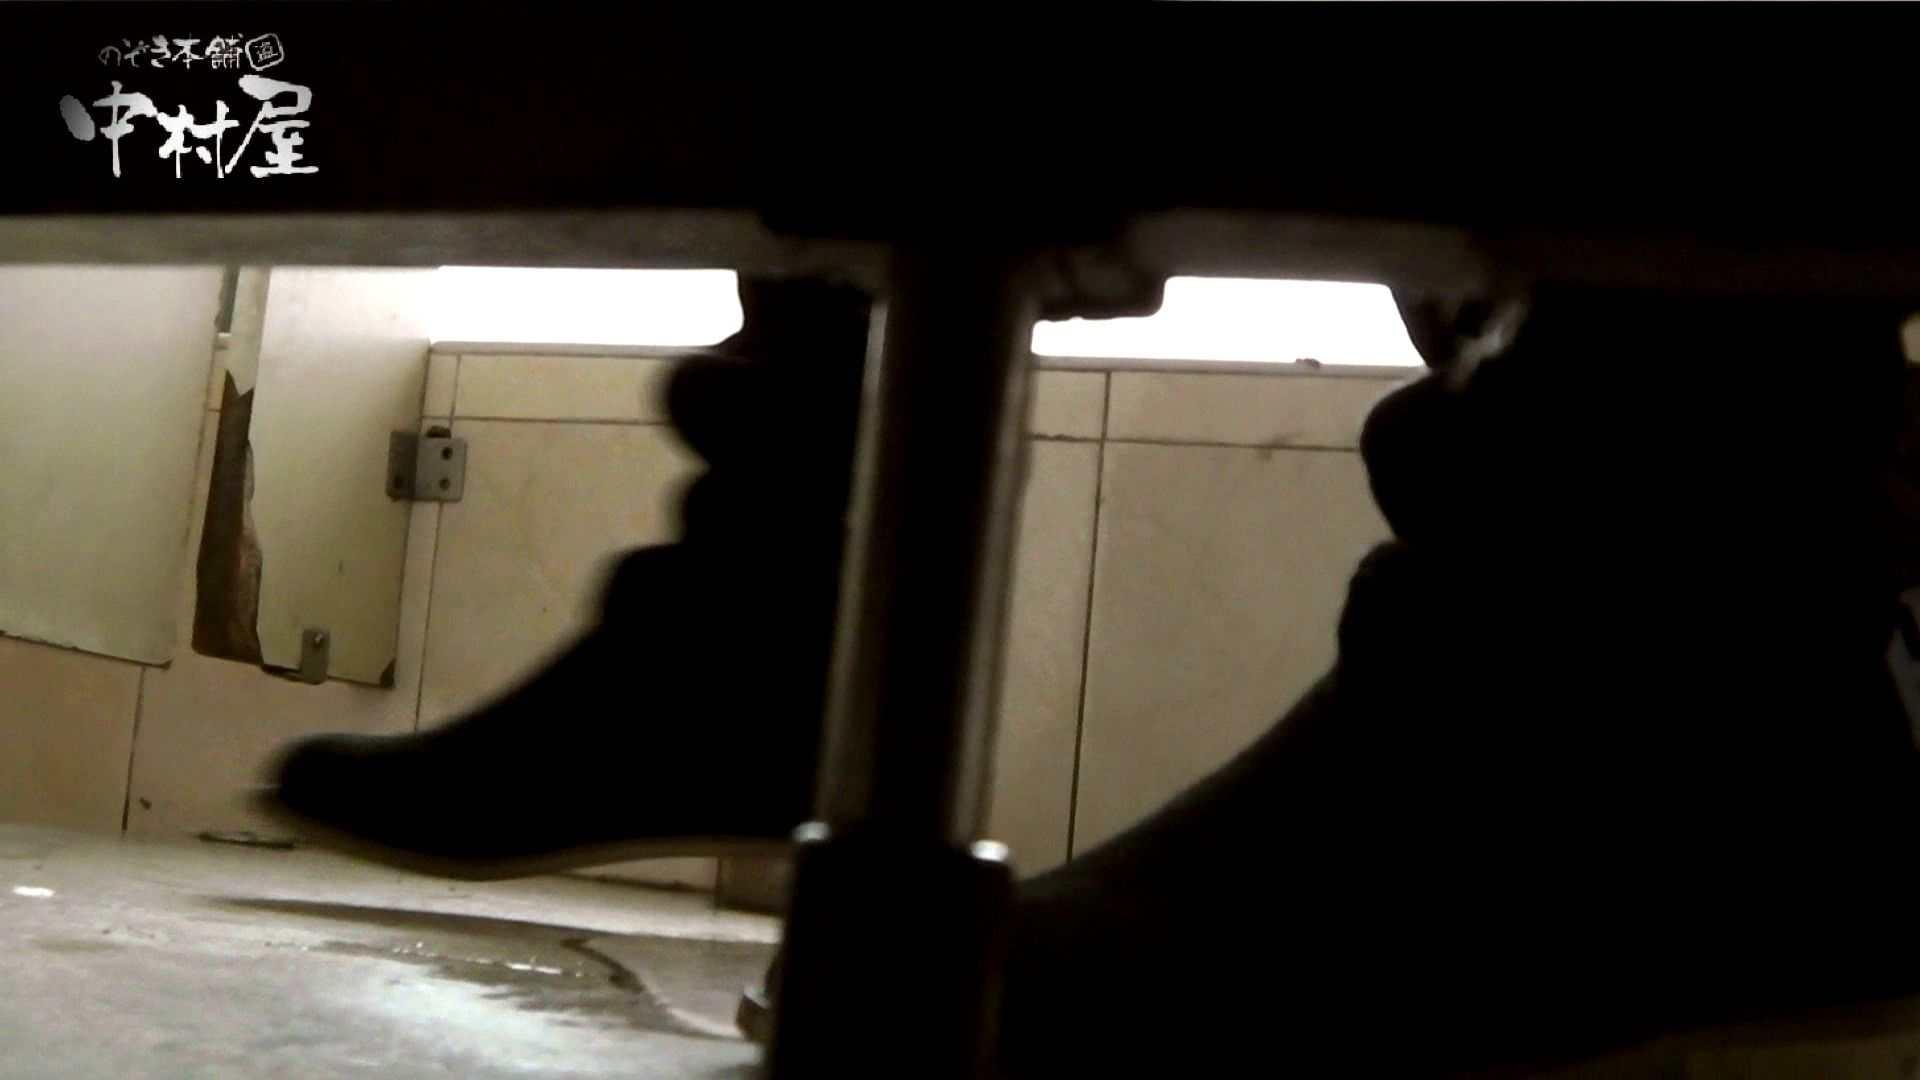 【世界の射窓から】世界の射窓から vol.12 OLエロ画像  83PICs 12